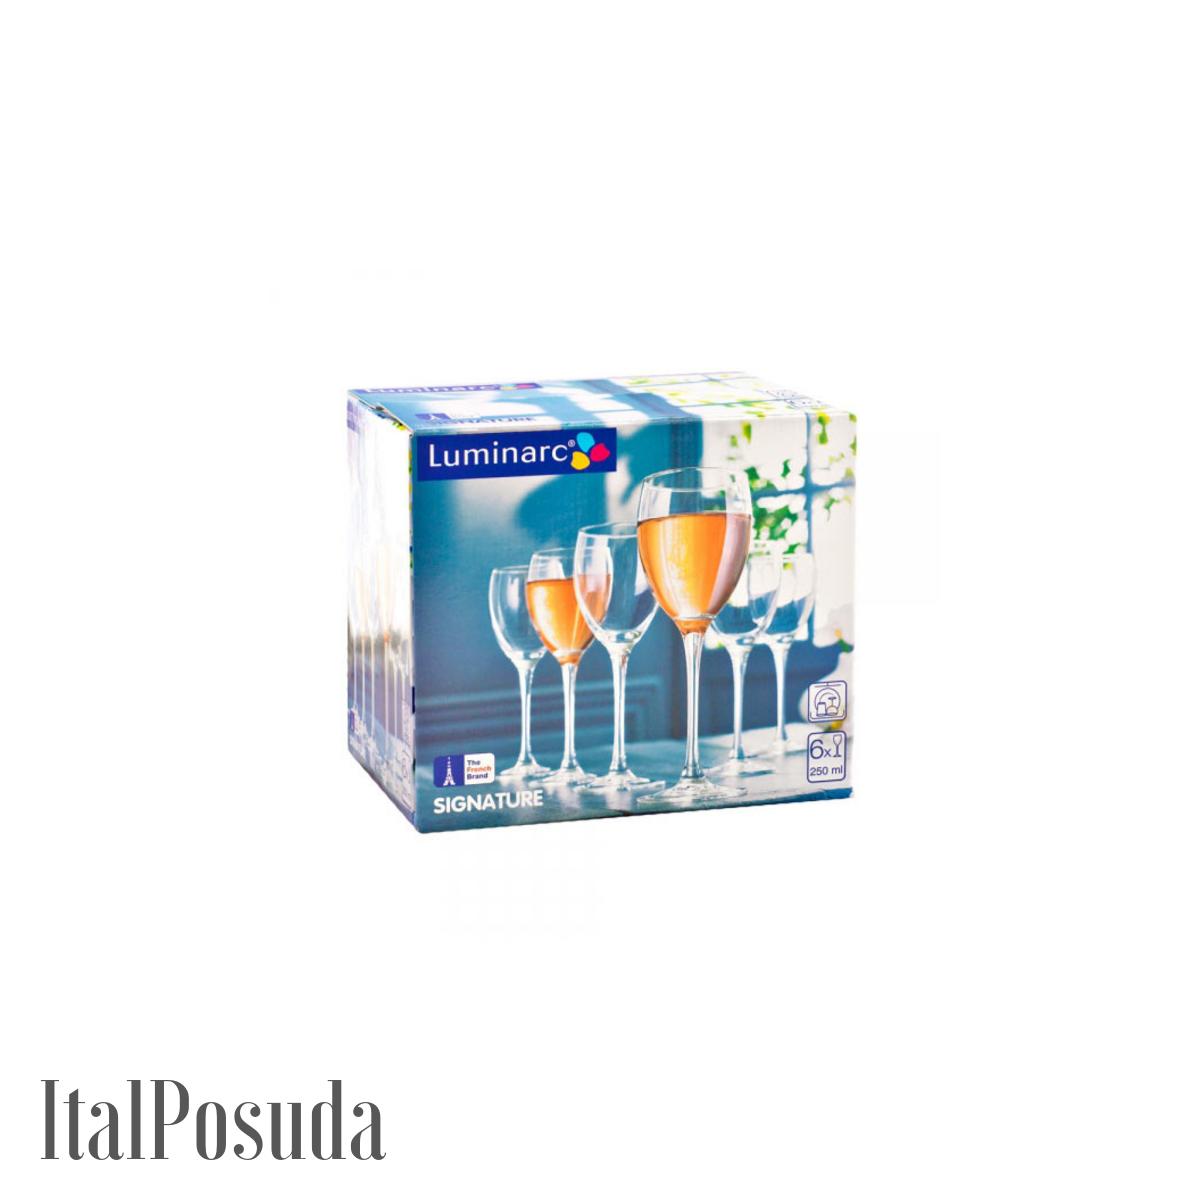 Набор бокалов для вина Luminarc Signature (Сигнатюр Эталон), 6 шт H8168